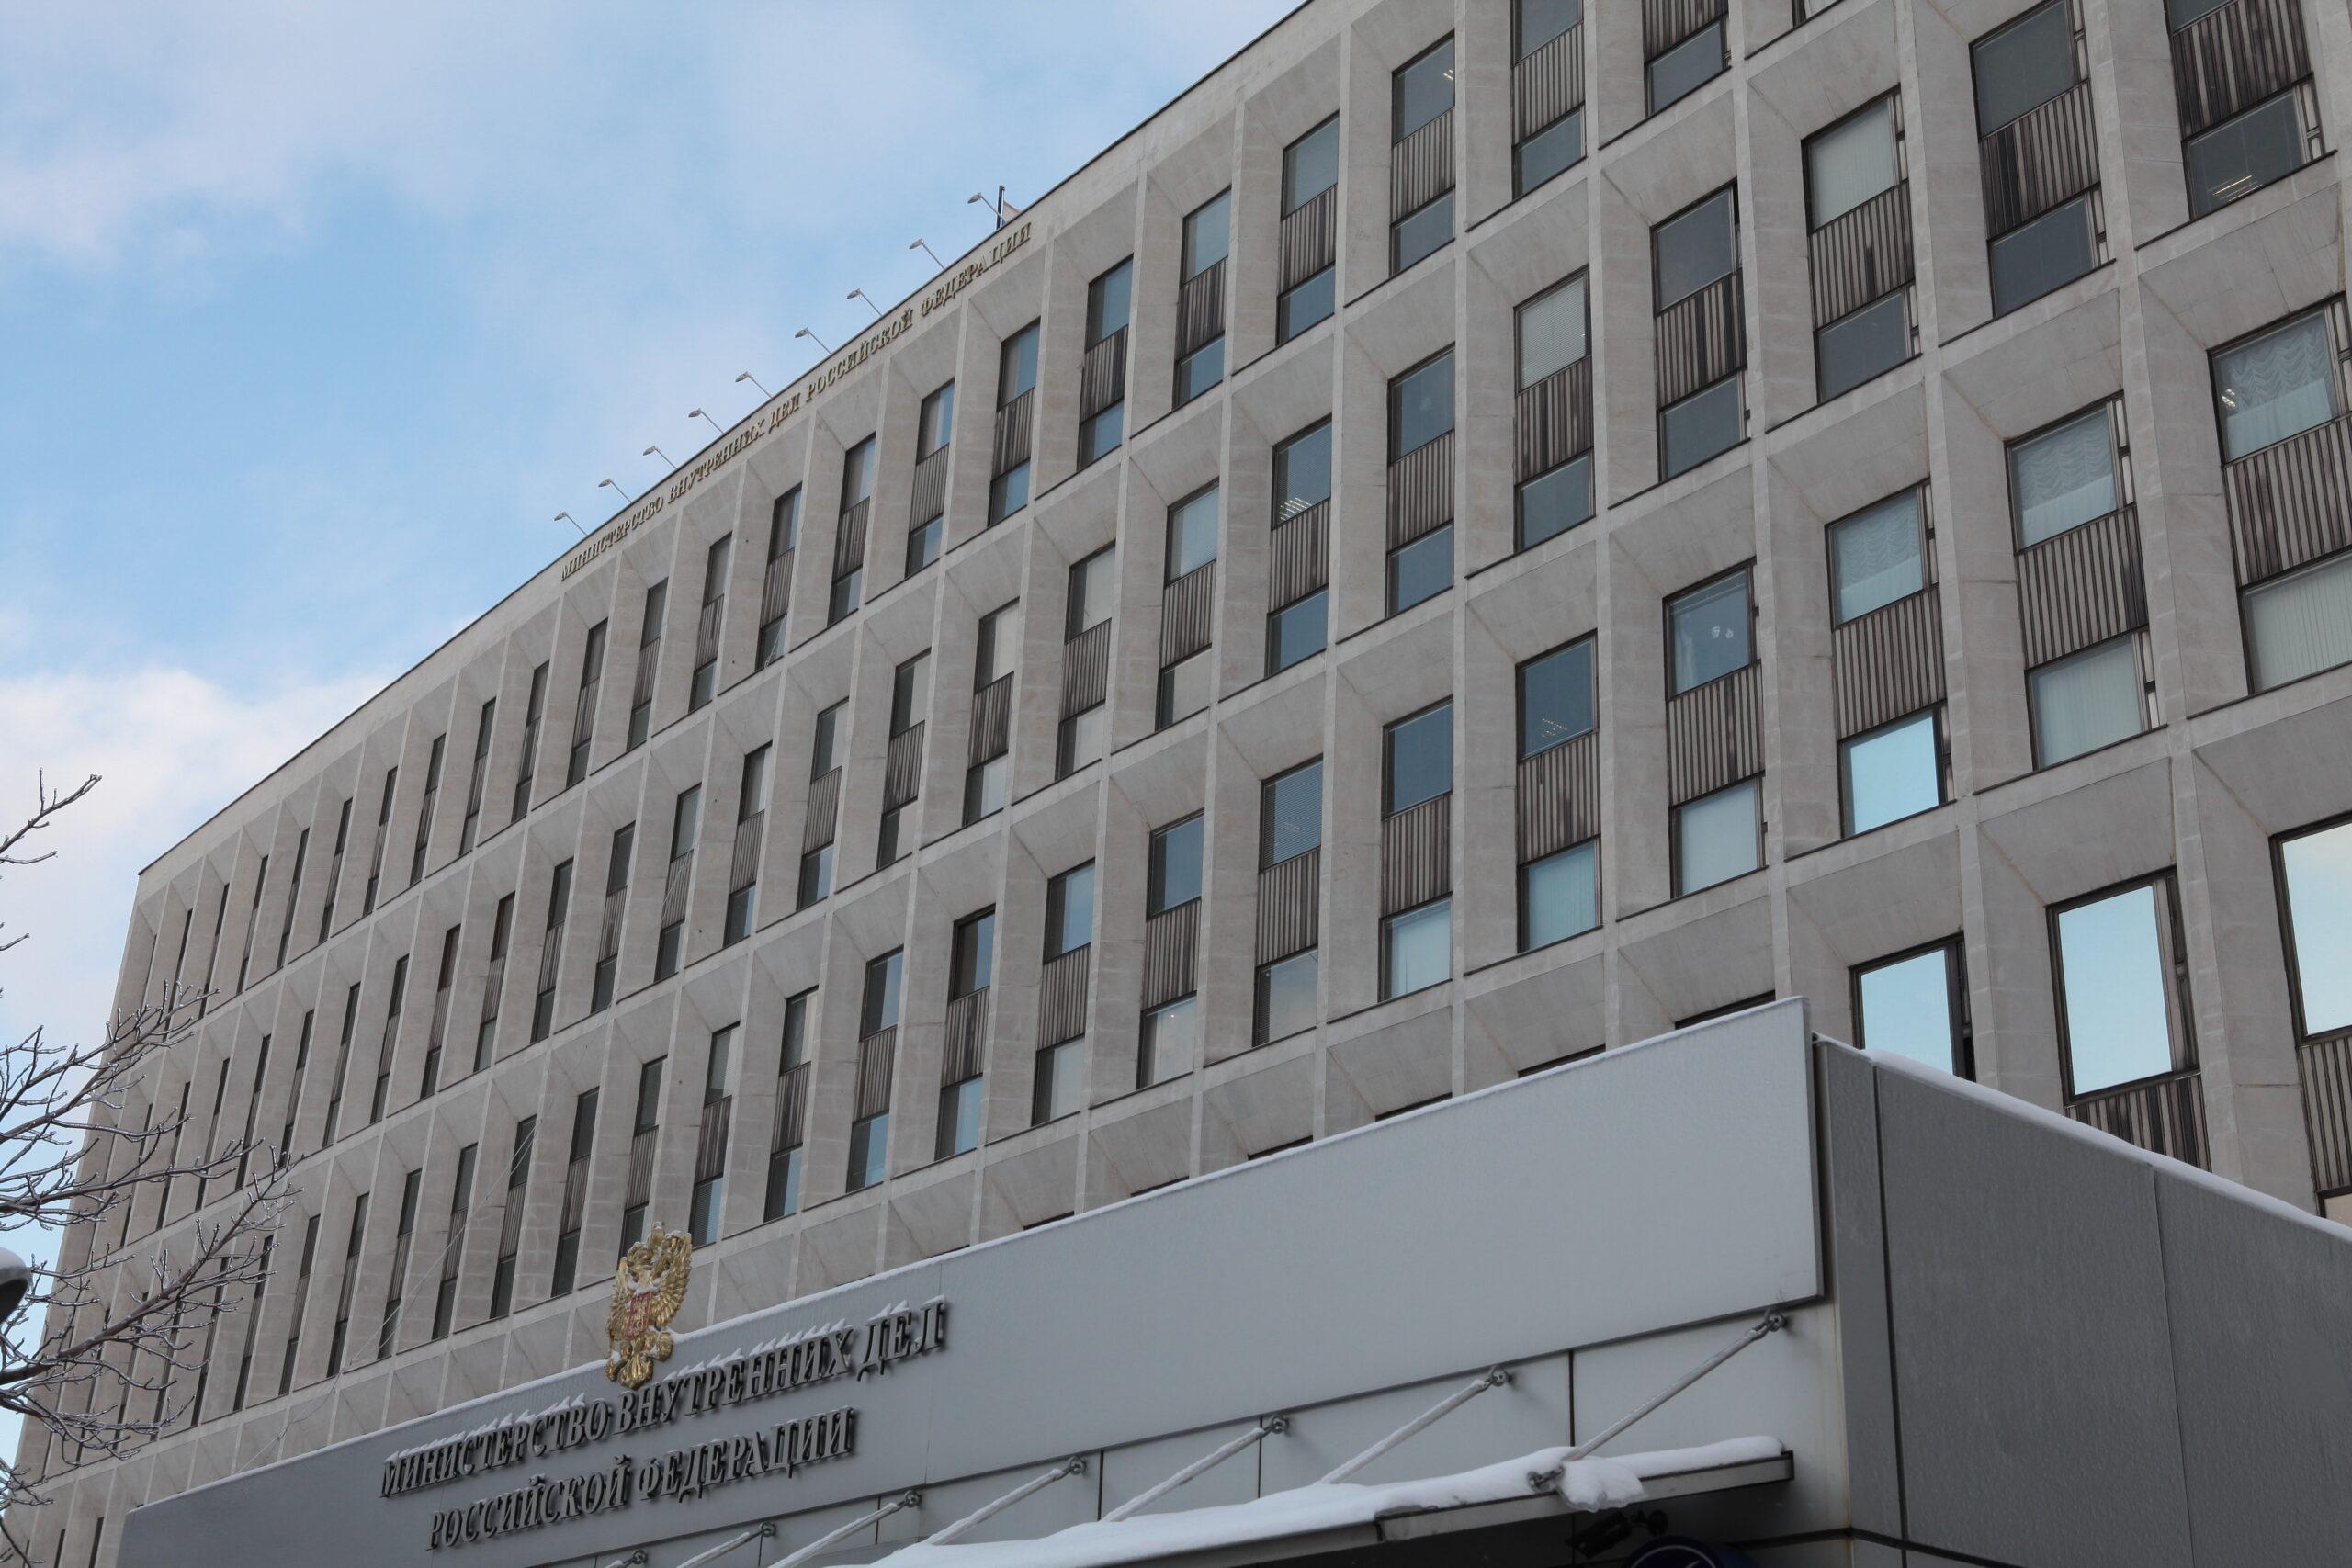 Były prezes jednego z rosyjskich banków i jego zastępca zatrzymani. Oskarża się ich o defraudację 1 mln rubli